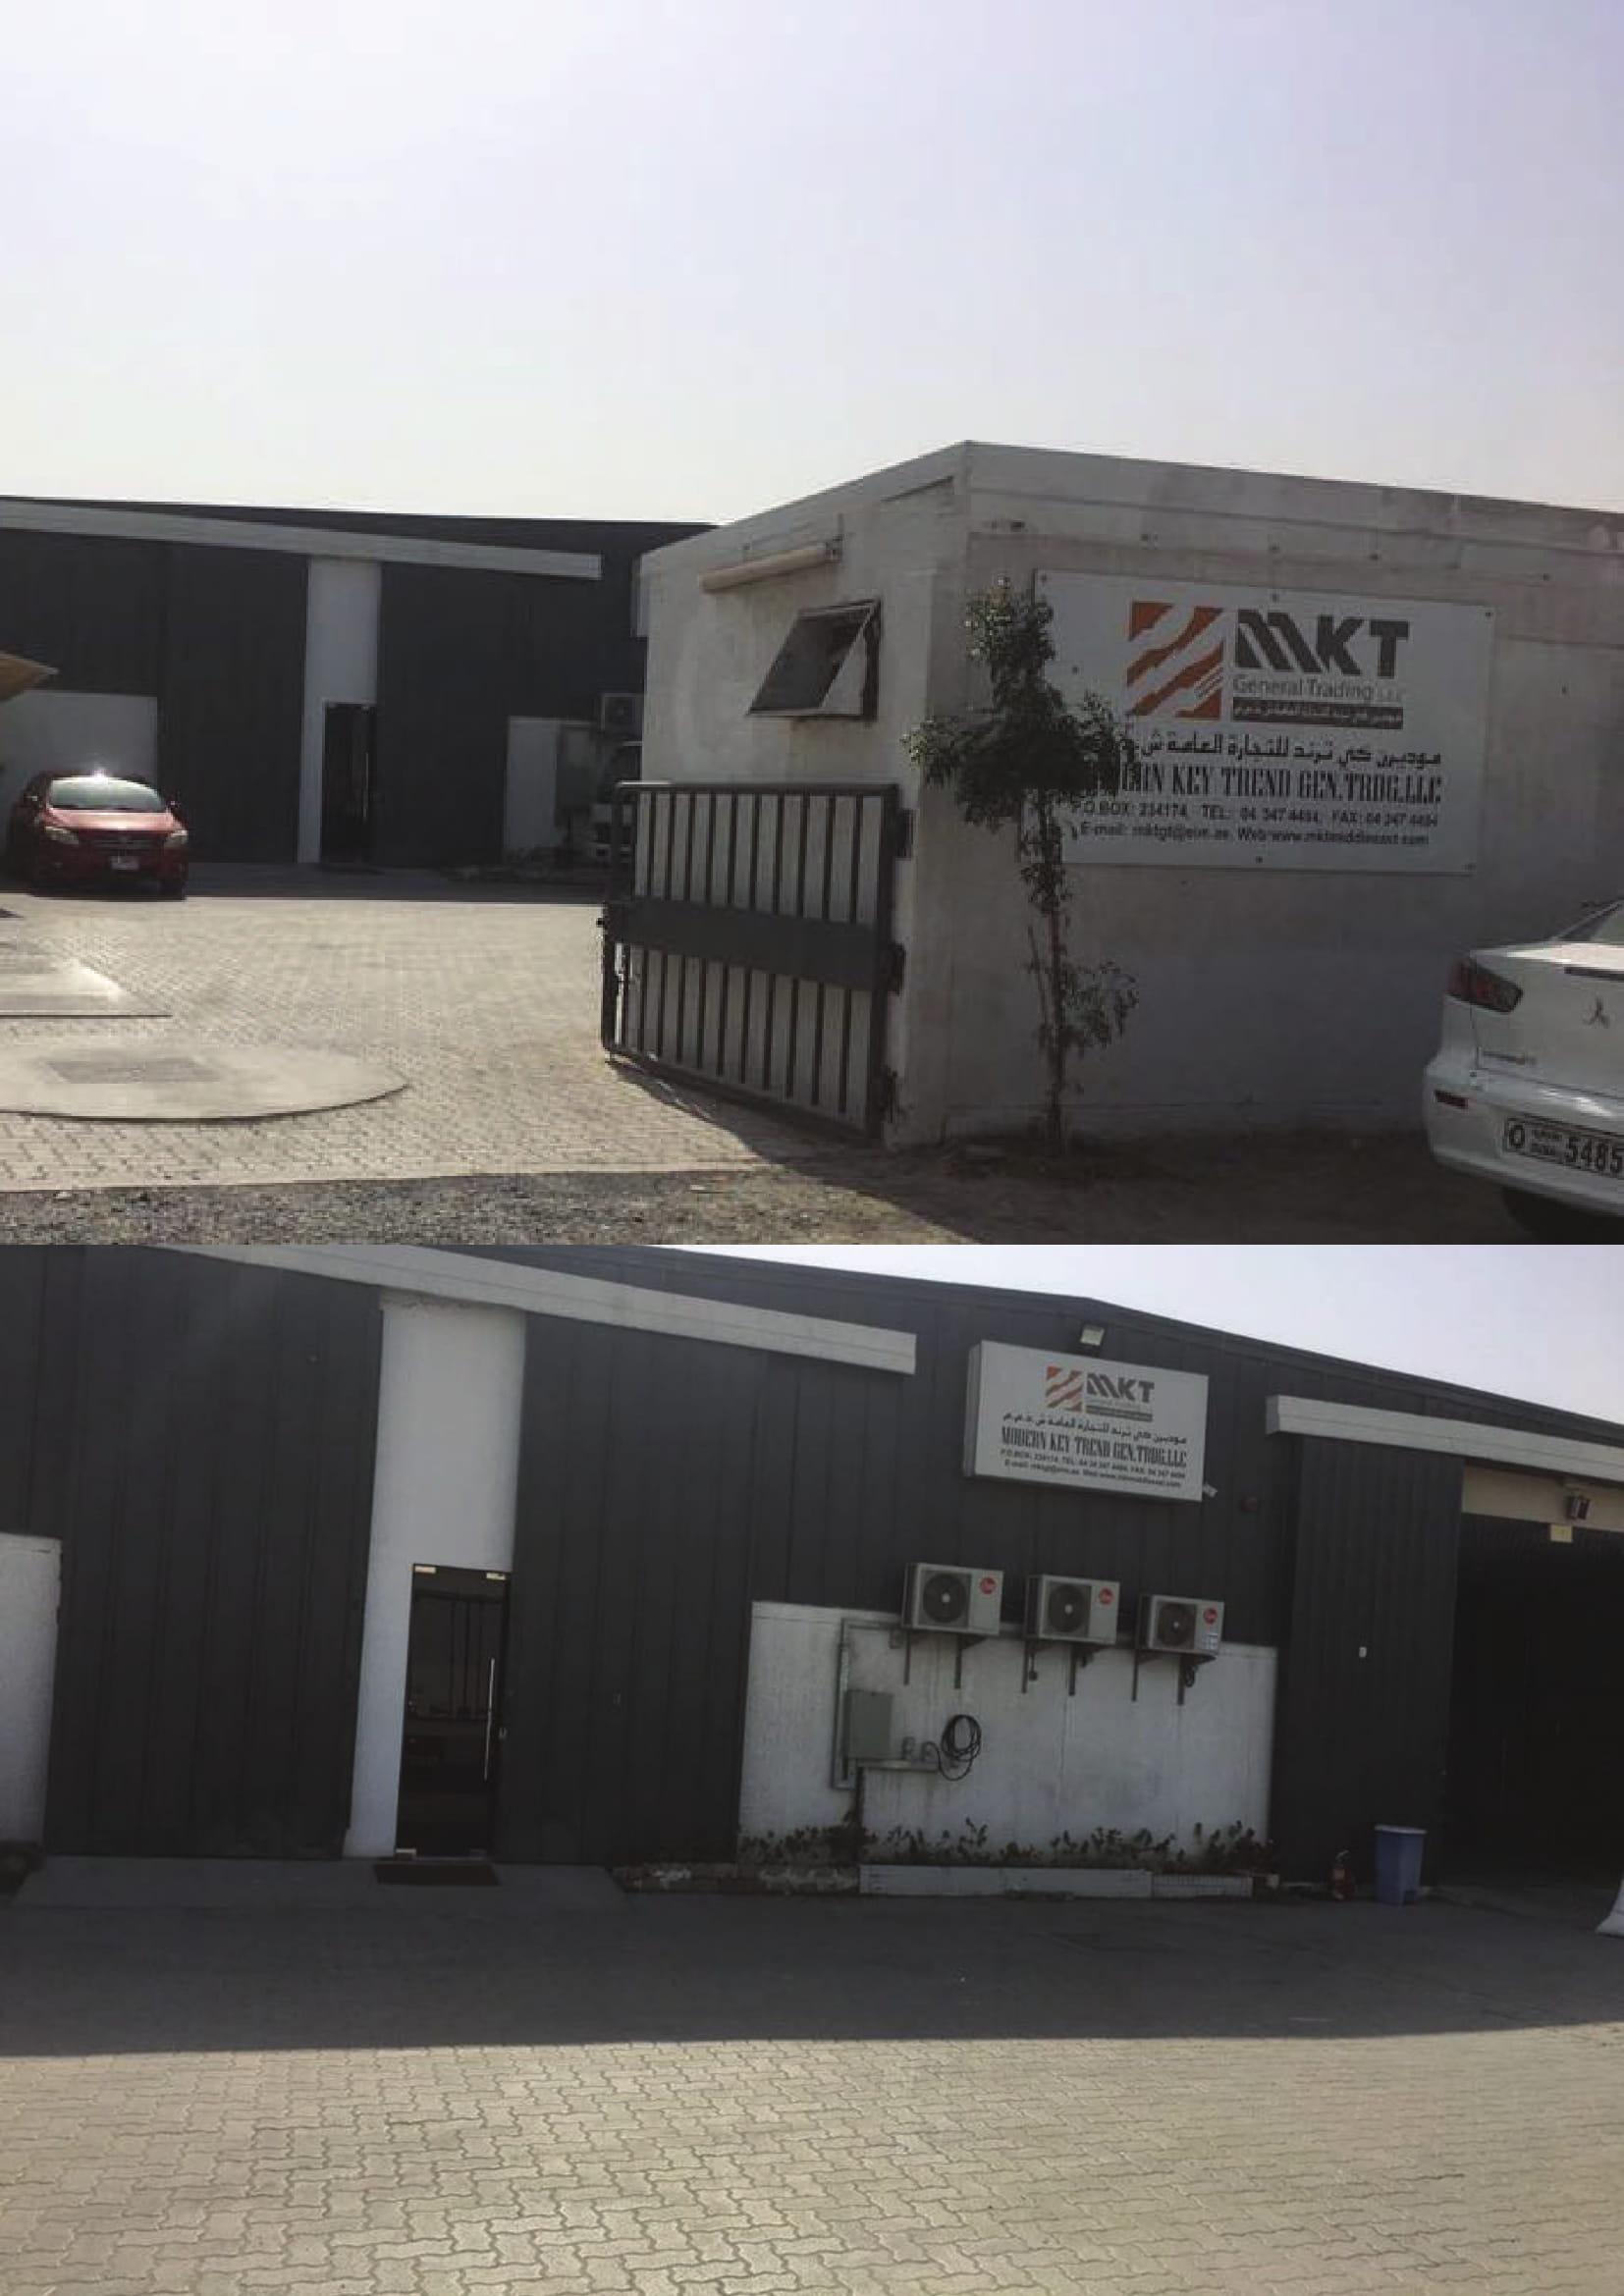 Factory – Mktmiddleeast